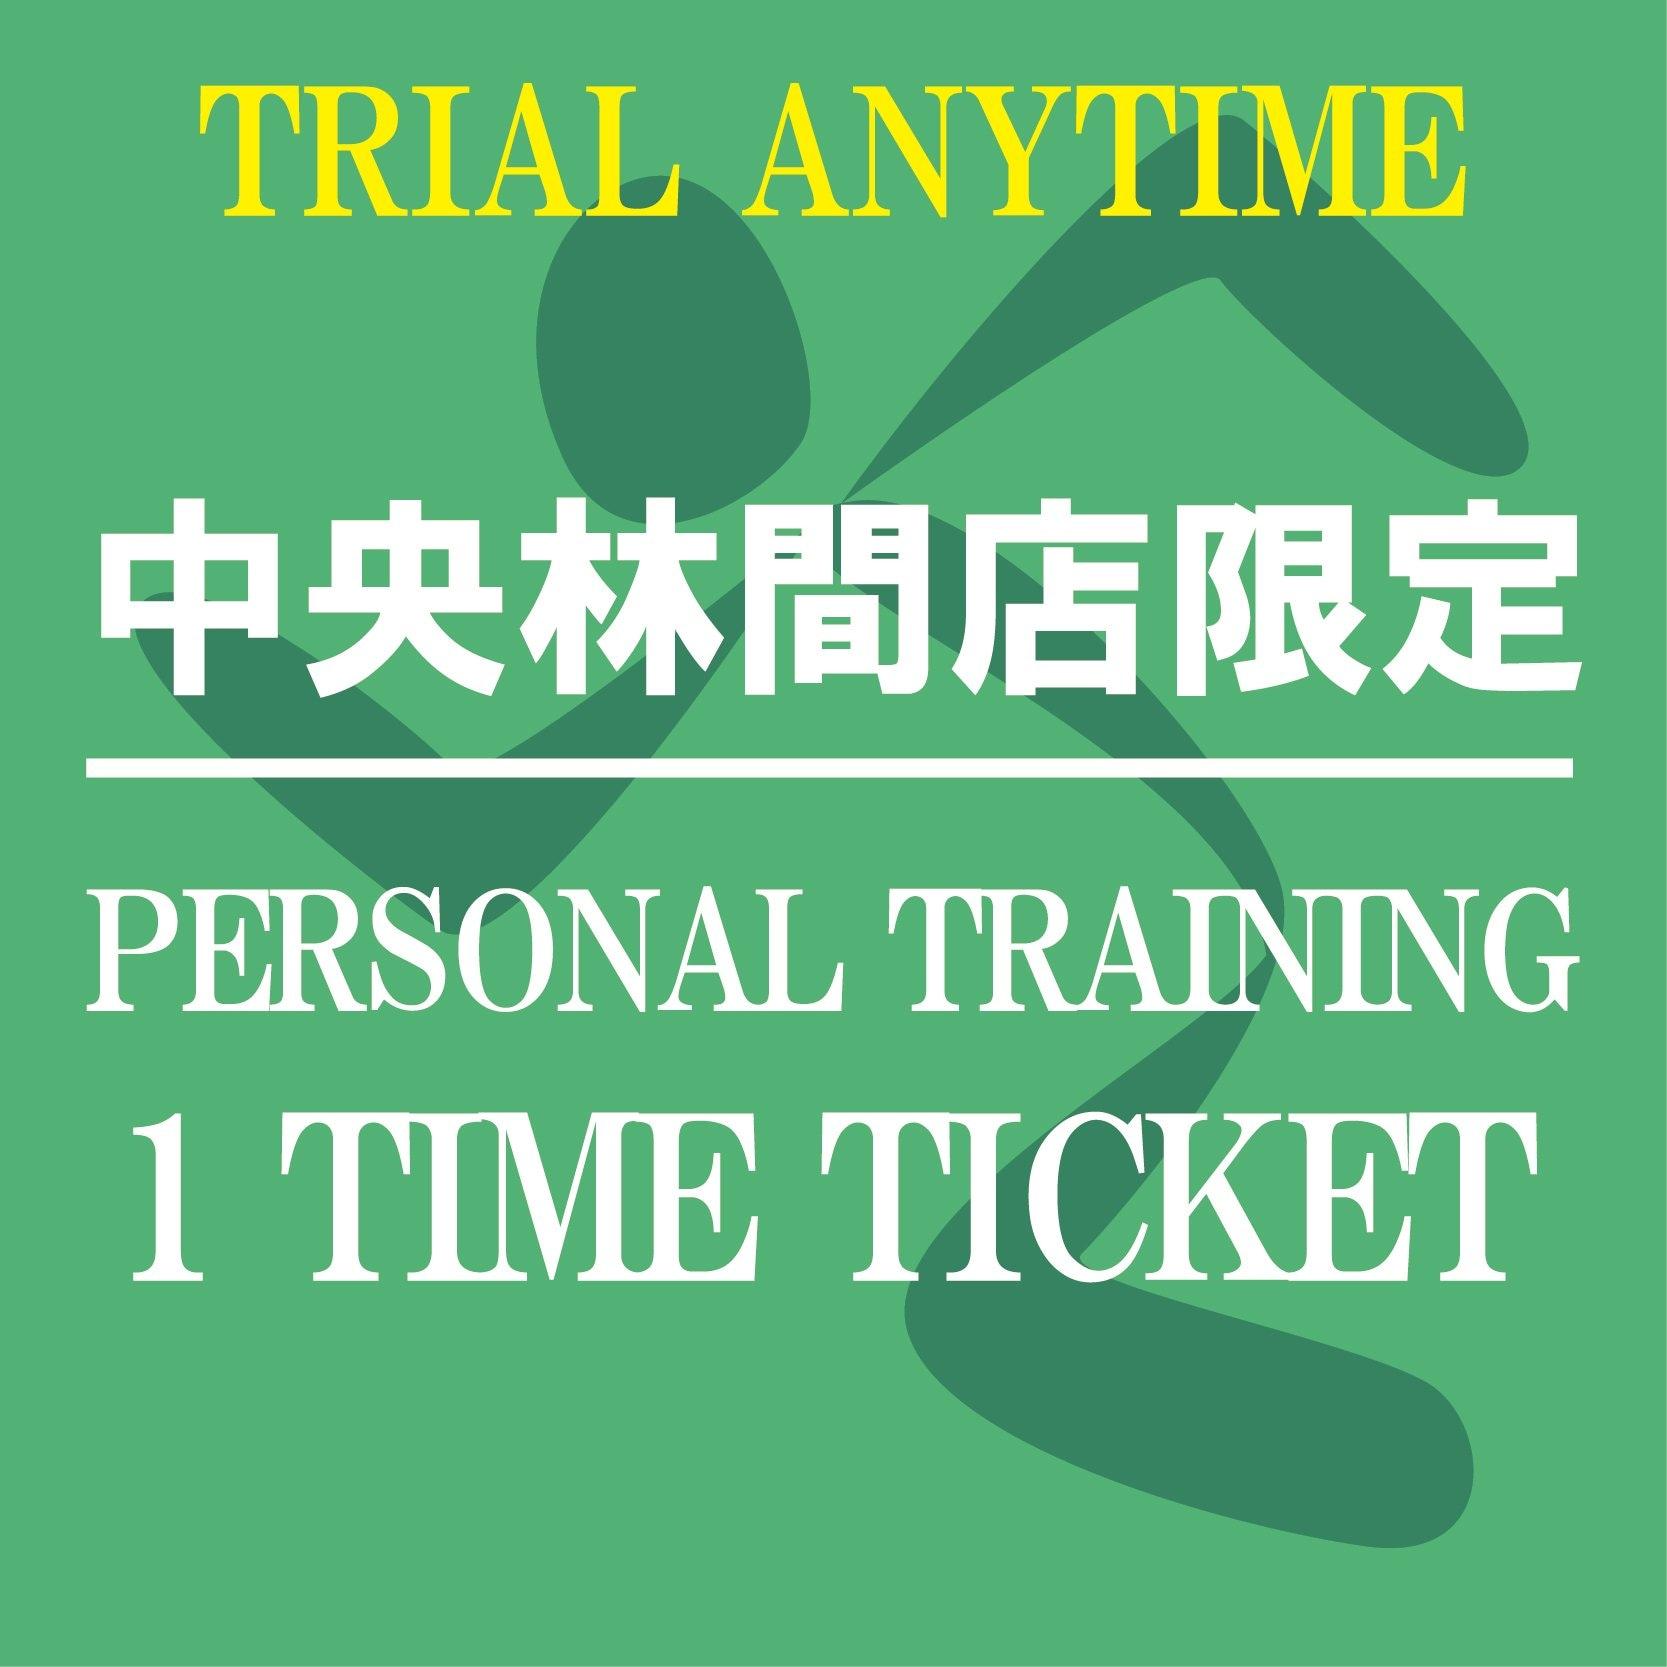 パーソナルトレーニング60分1回チケット〜ANYTIME TRIAL〜[エニタイムフィットネス中央林間店限定]のイメージその1